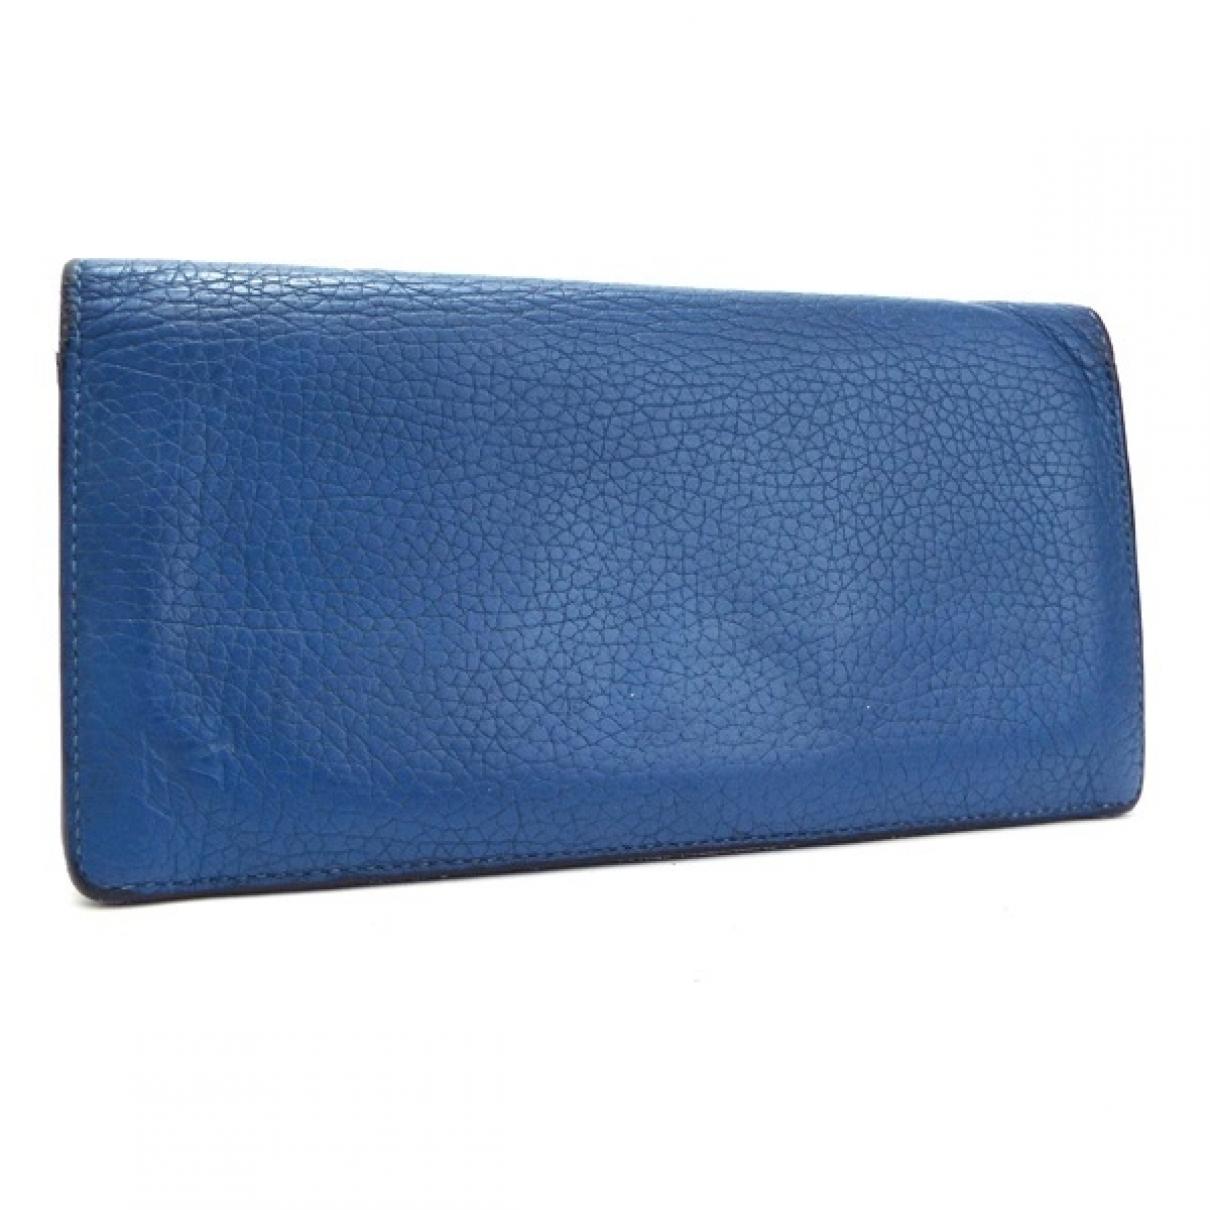 Louis Vuitton Brazza Kleinlederwaren in  Blau Leder